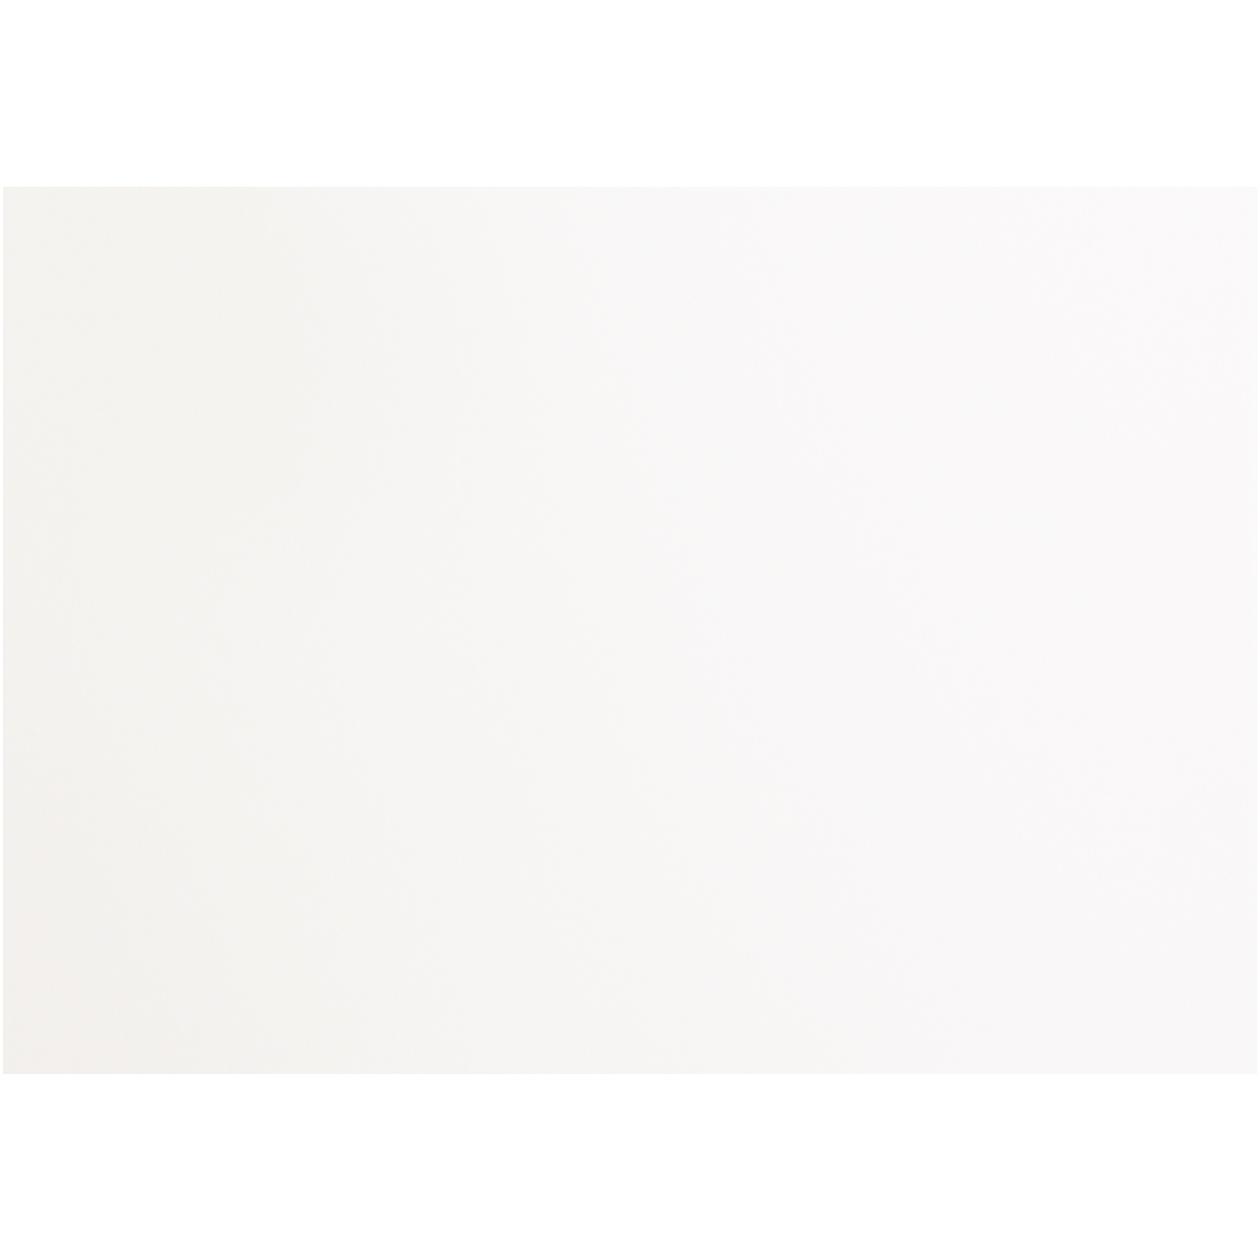 B2カード コットン スノーホワイト 348.8g